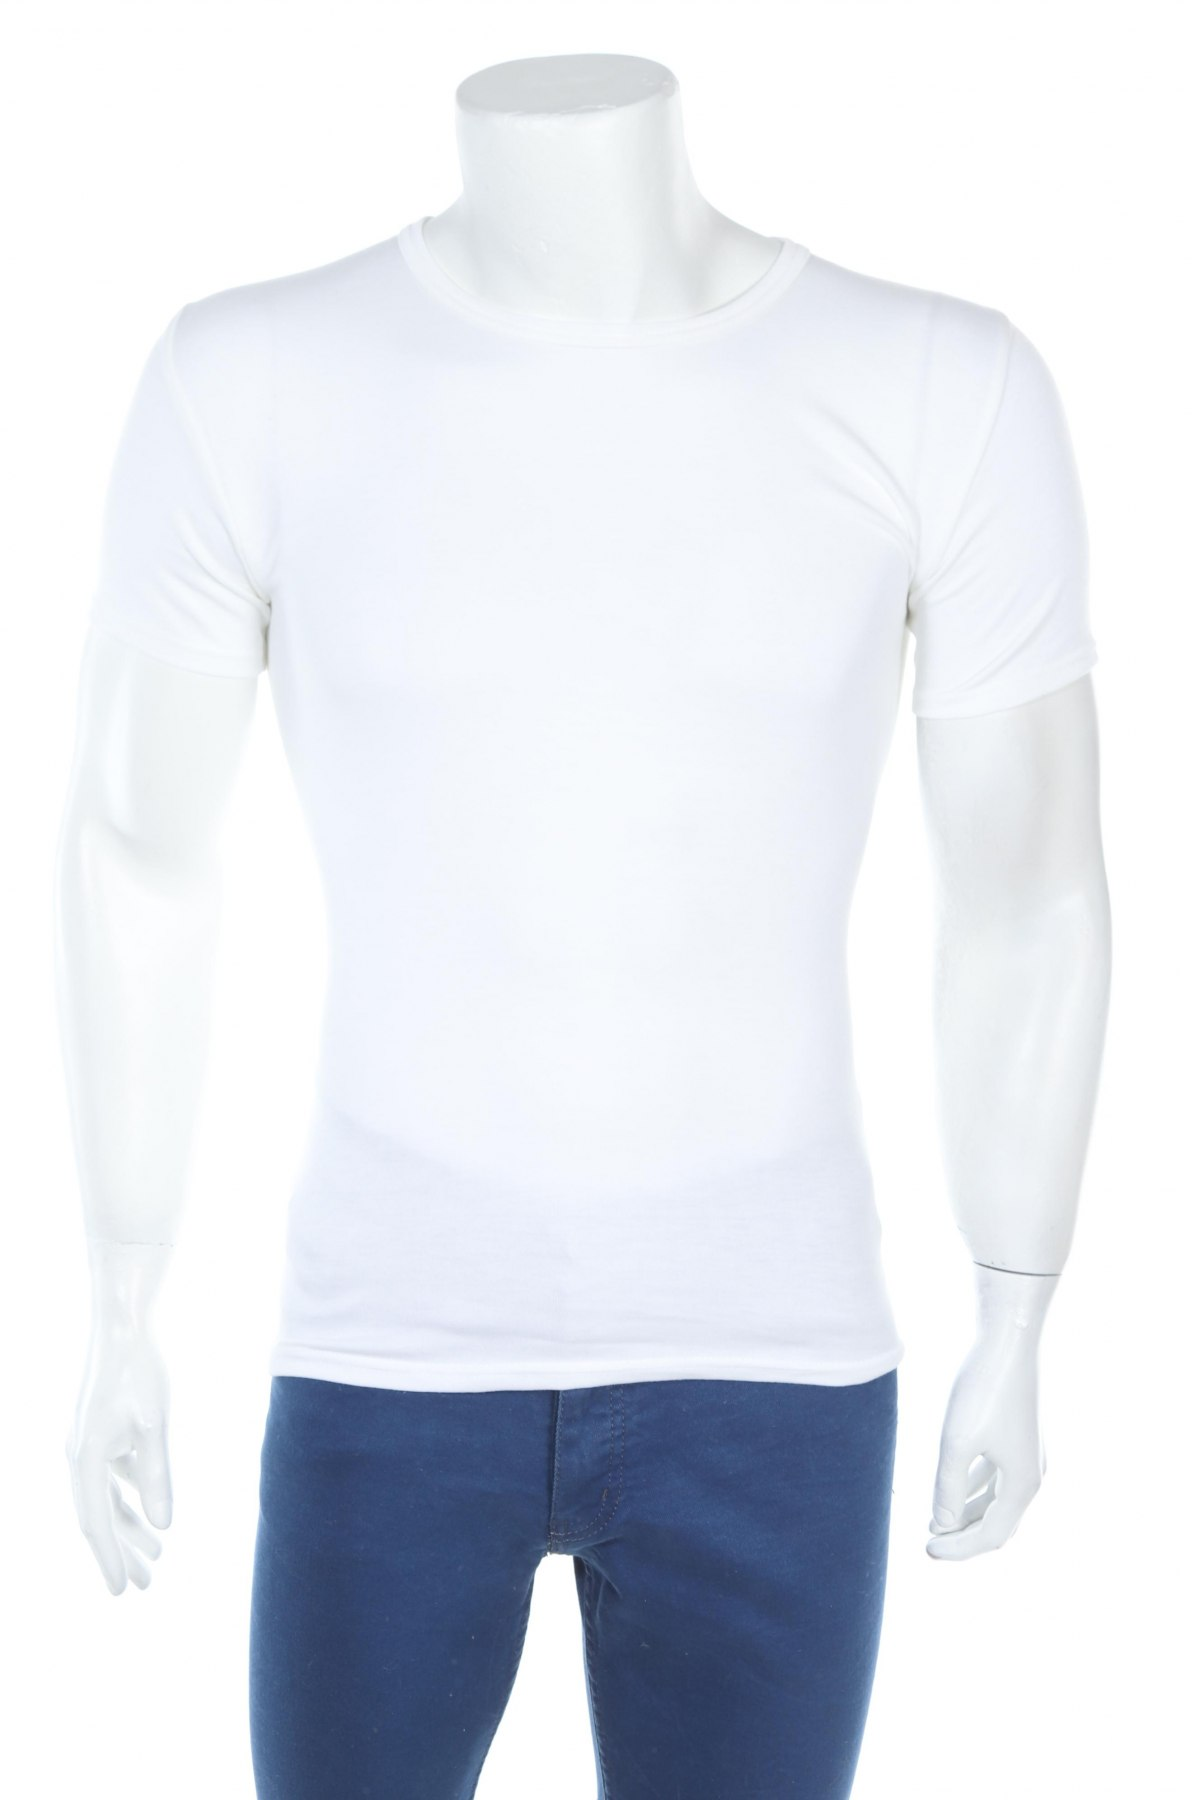 Мъжко бельо Abanderado, Размер S, Цвят Бял, 50% полиестер, 50% акрил, Цена 14,82лв.